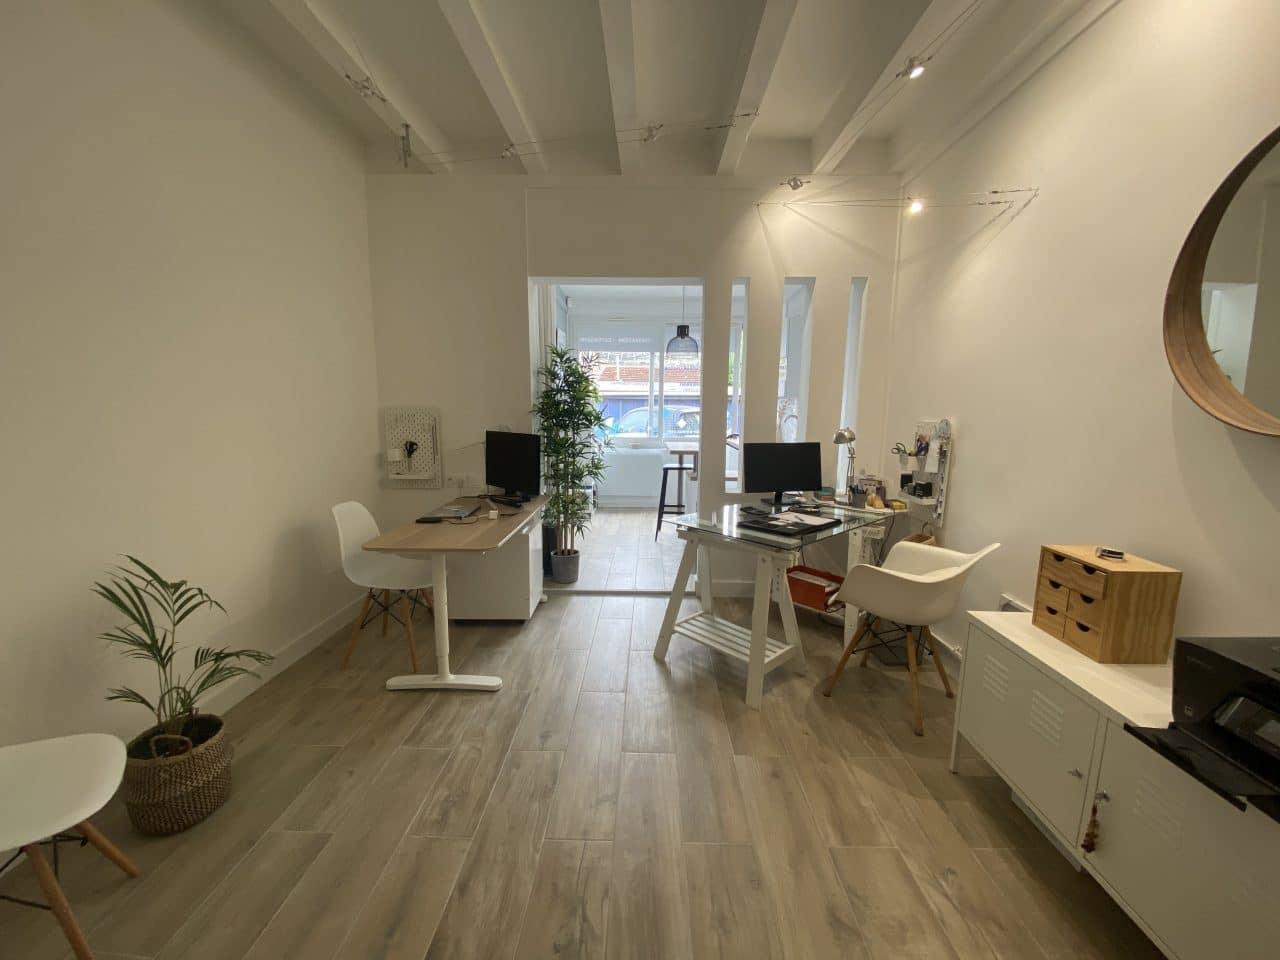 agence illiCO travaux Bordeaux Est - intérieur bureaux